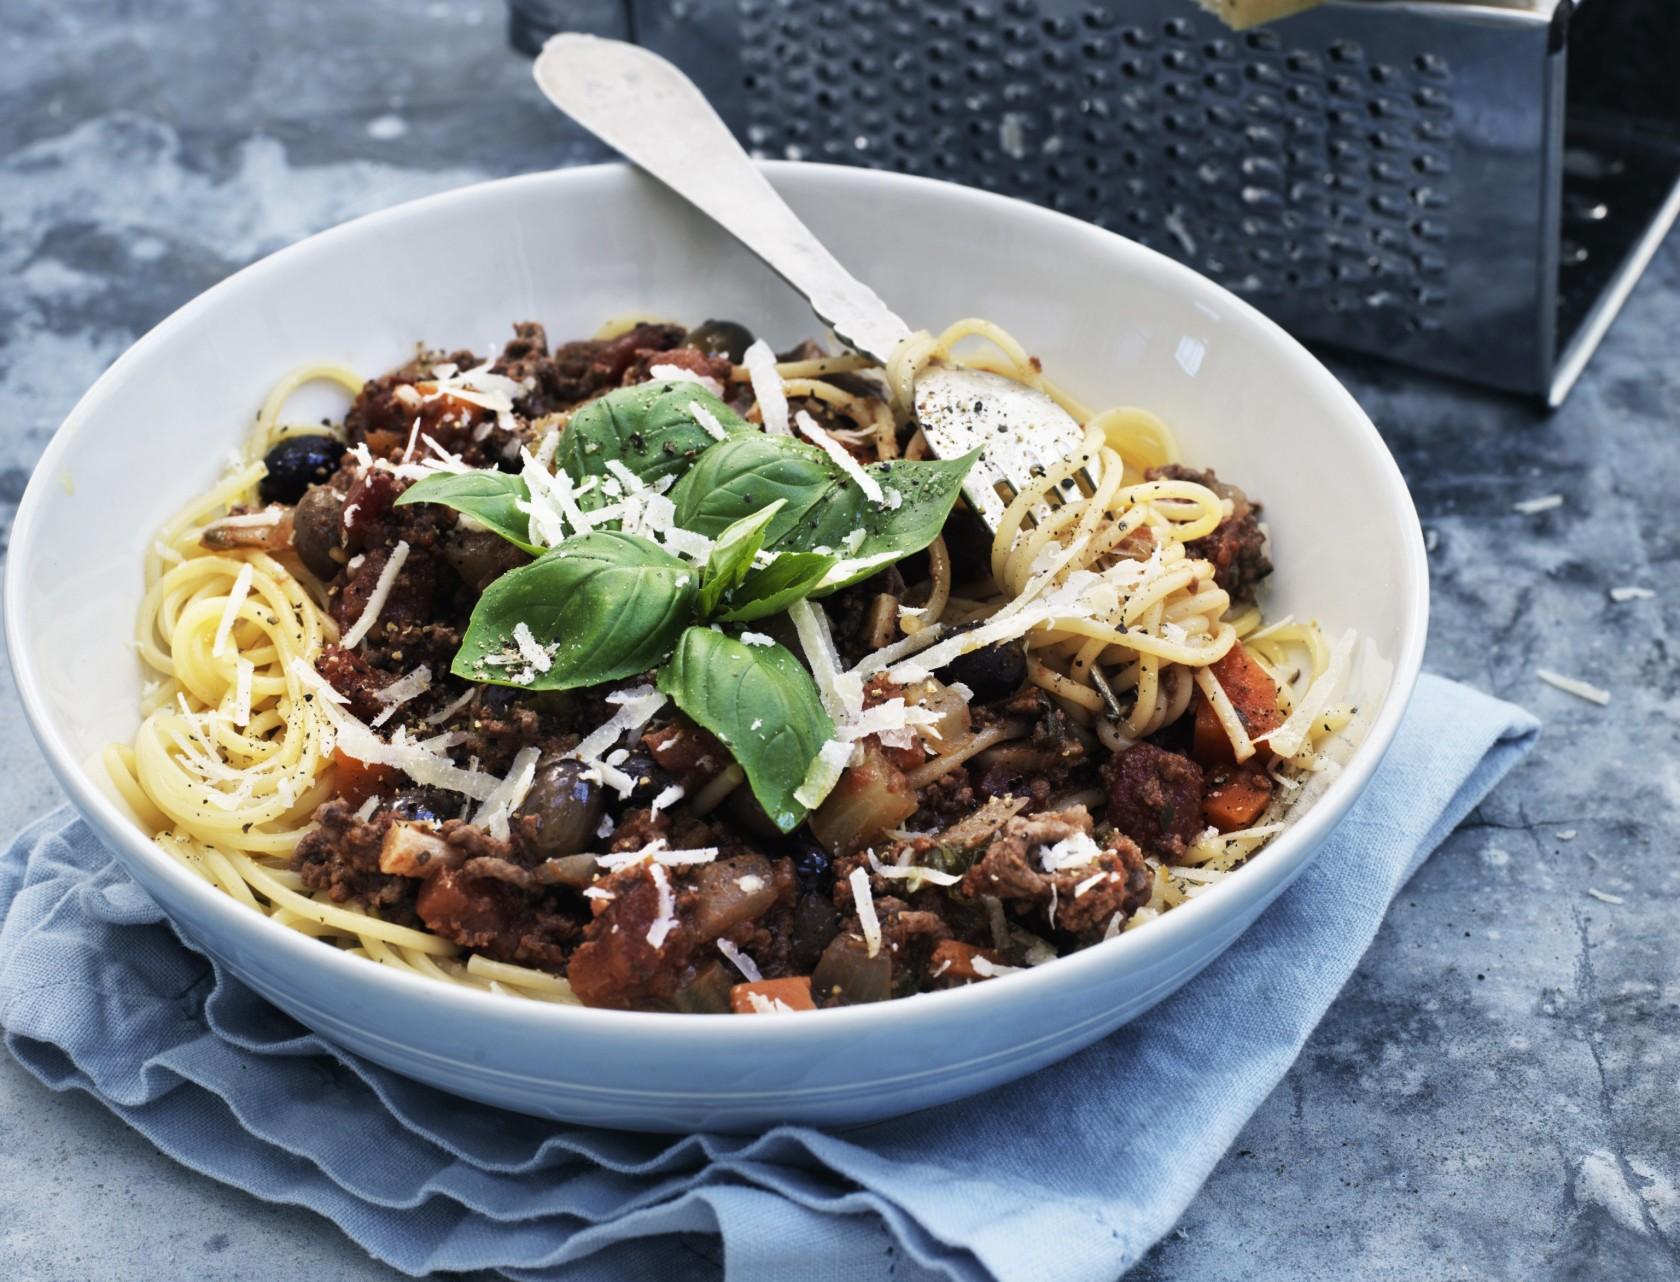 Spaghetti bolognese - virkelig lækker opskrift med grøntsager og rødvin.